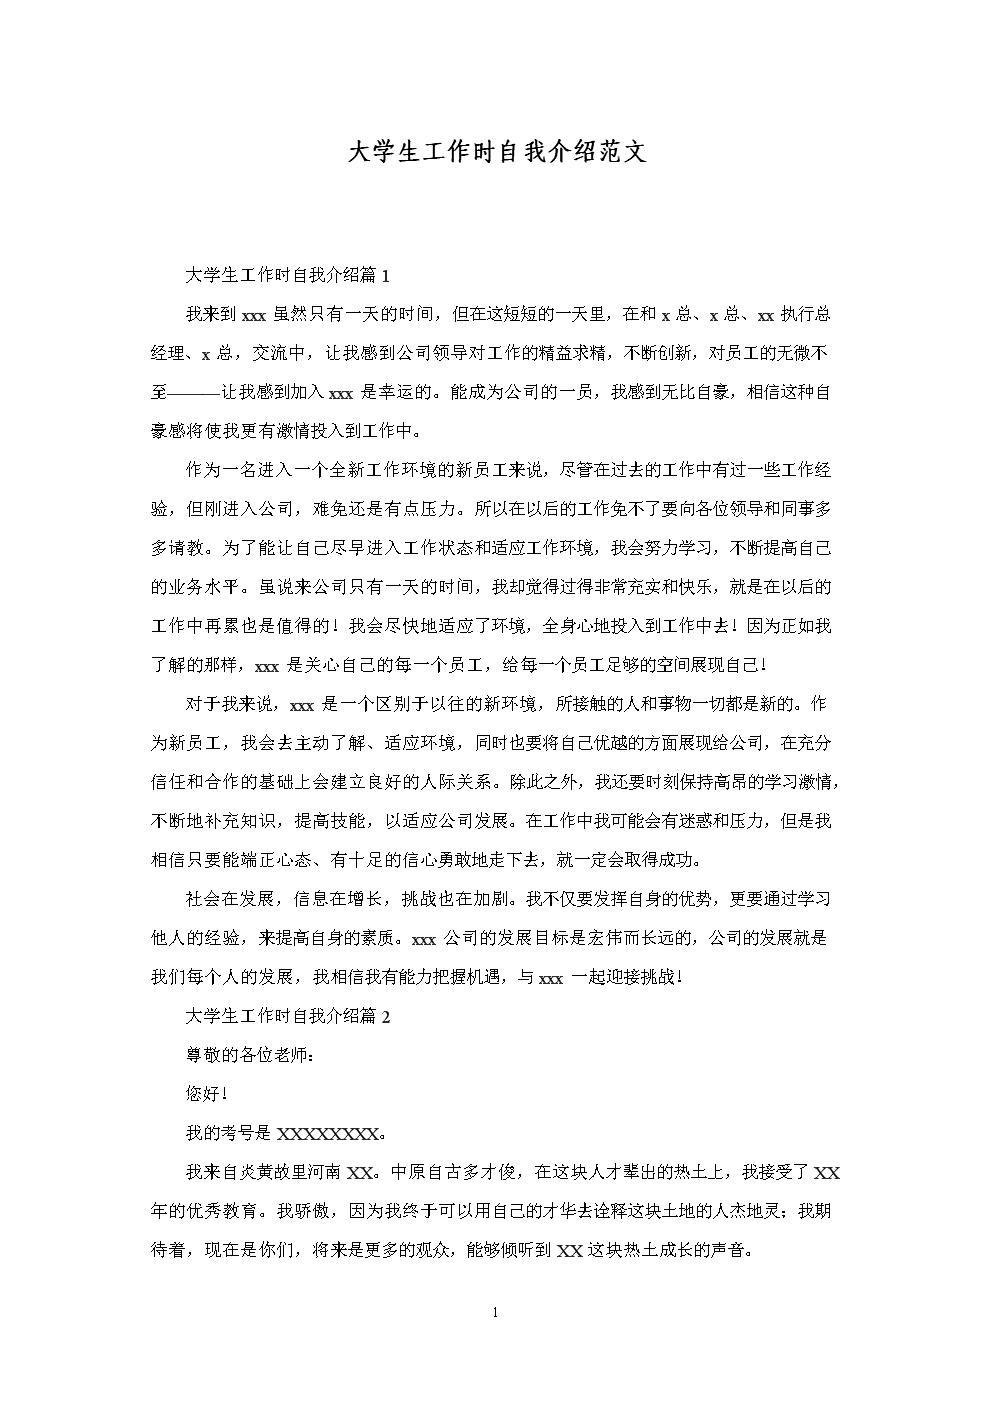 大学生工作时自我介绍范文—最新范文.doc